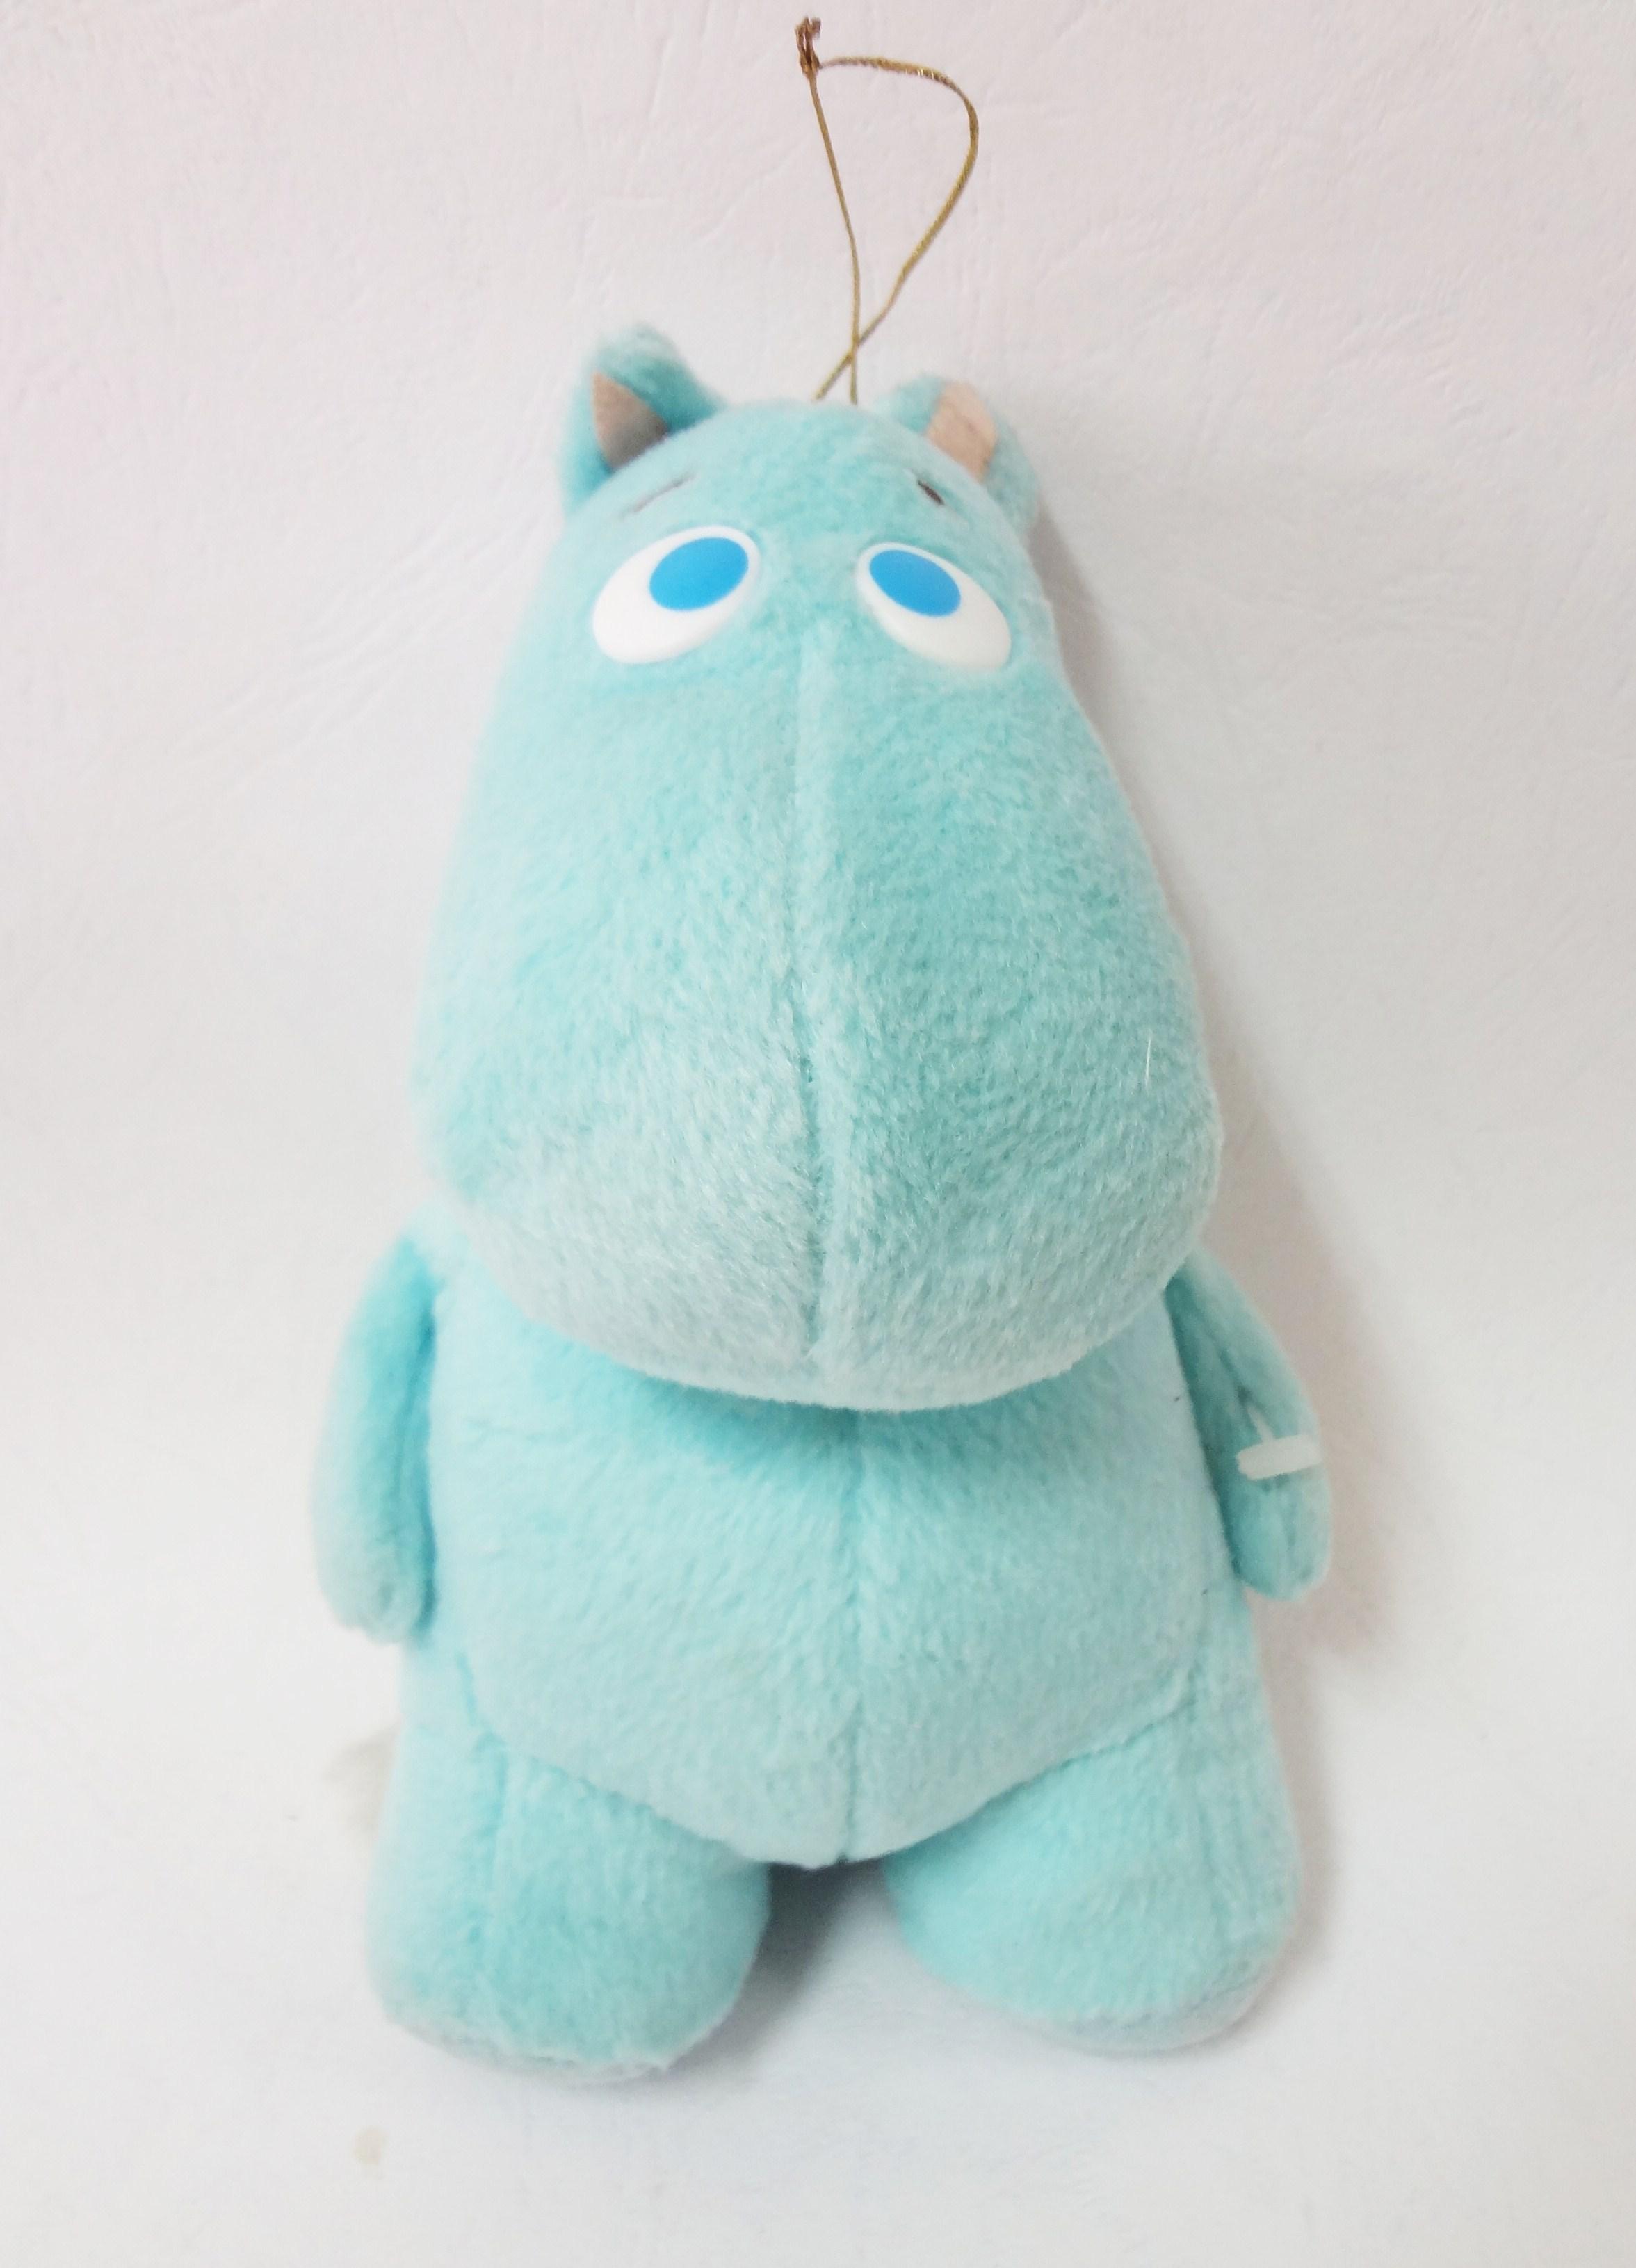 ตุ๊กตา Moomin สีฟ้า ของ Banpresto